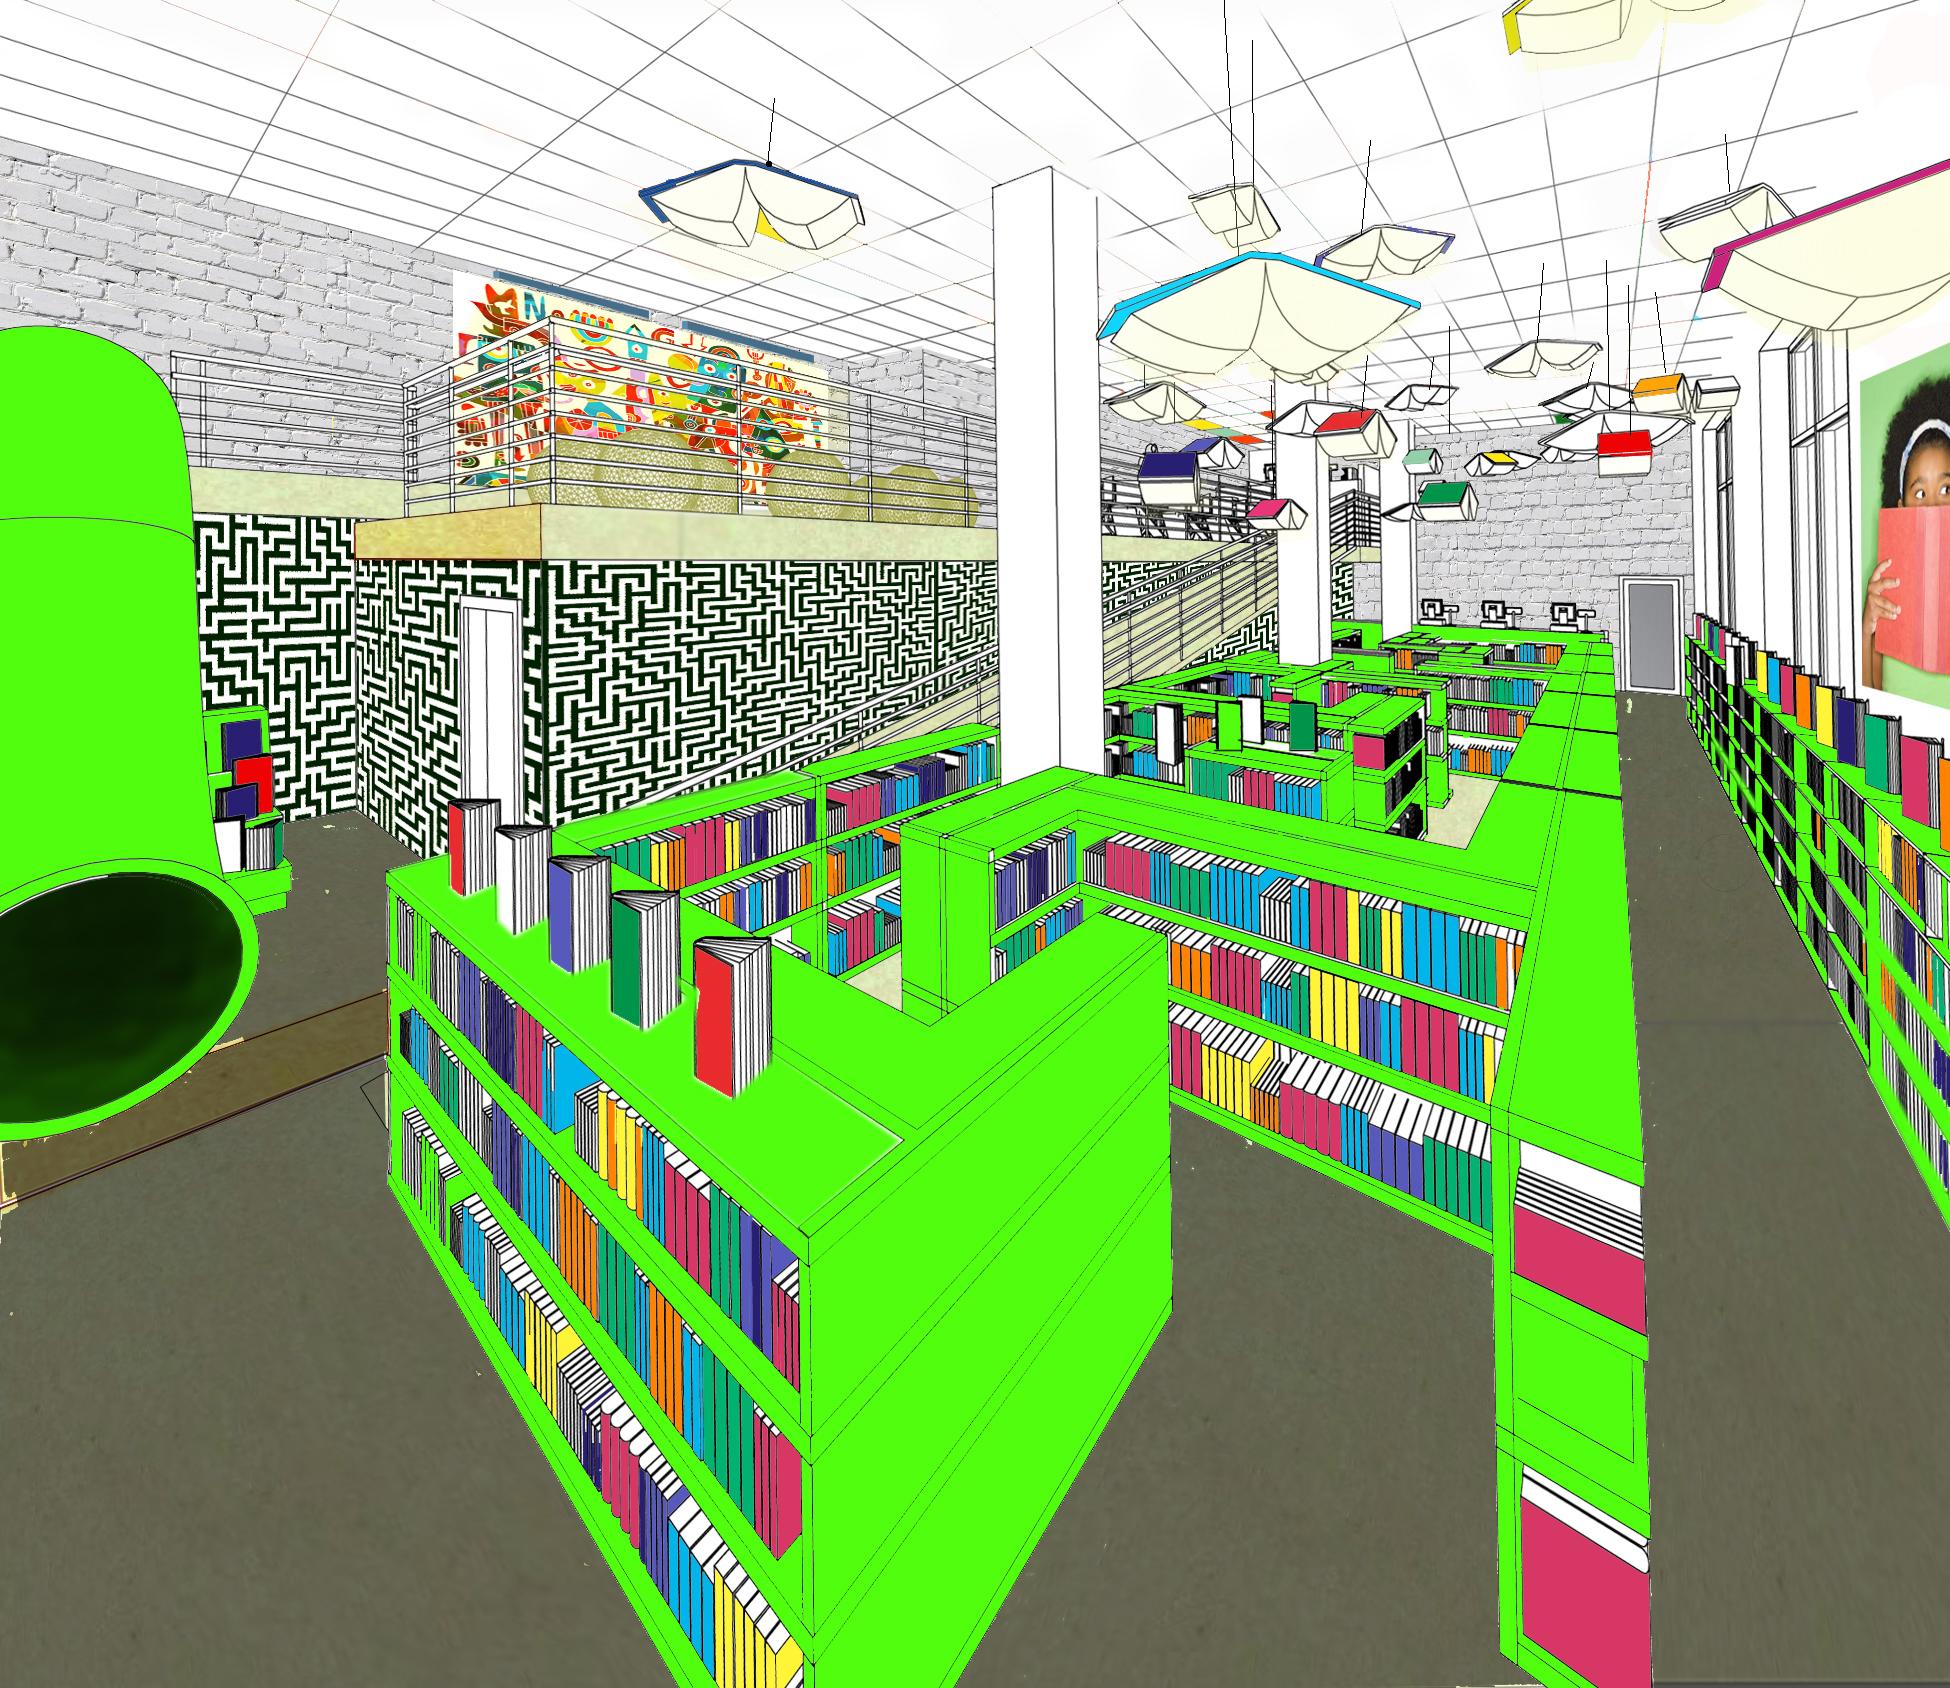 Maze Children's Bookstore